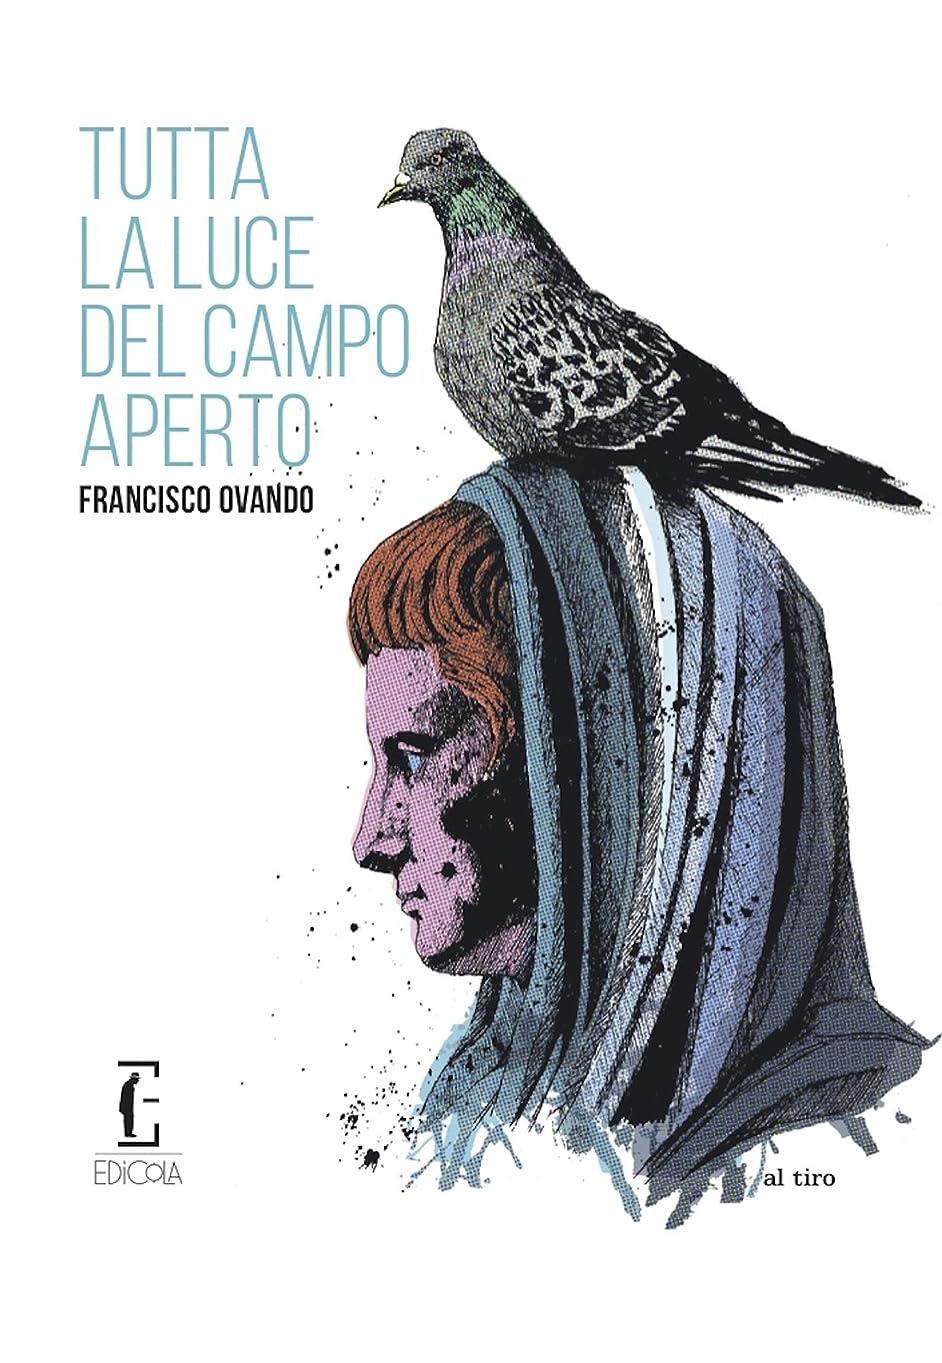 悪の同等の愛国的なTutta la luce del campo aperto (Al tiro Vol. 6) (Italian Edition)